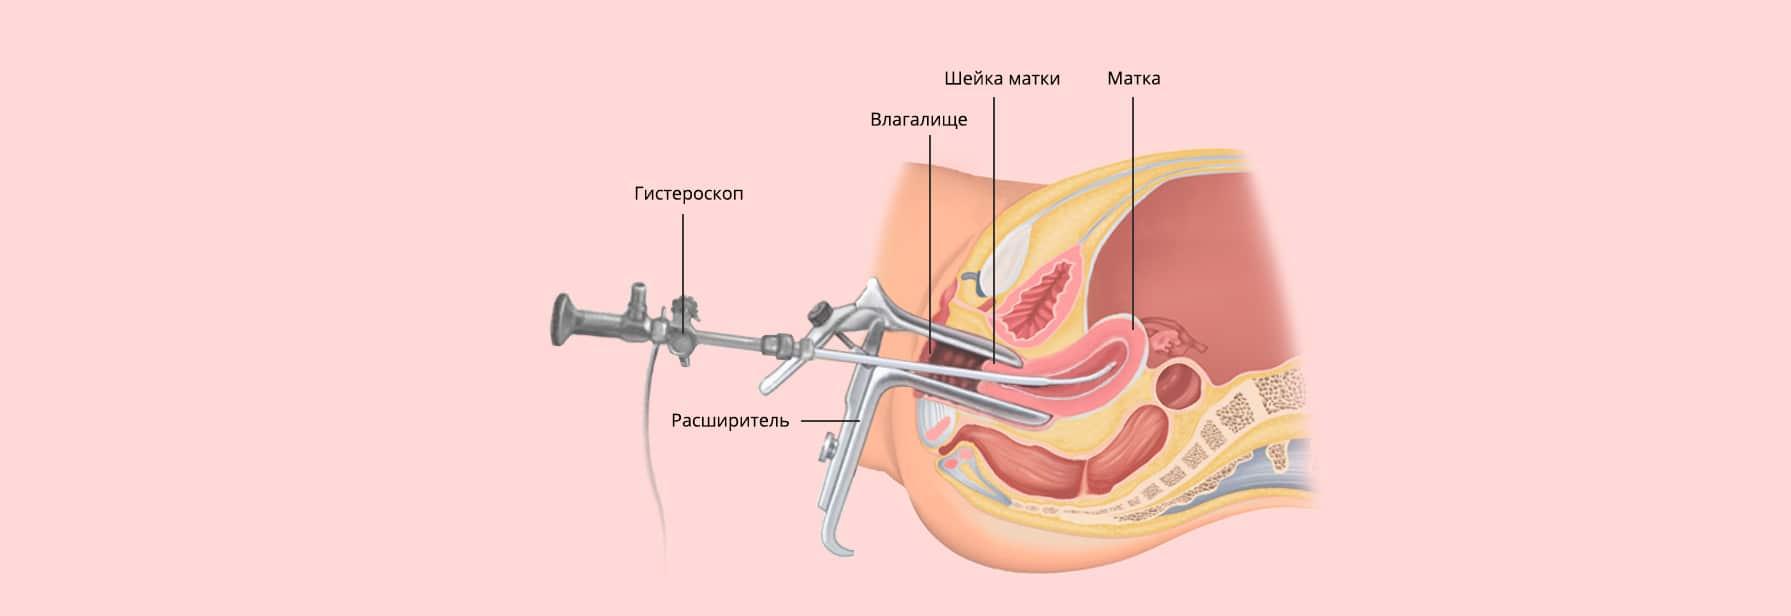 Удаление полипа в матке — гистероскопия и ее последствия